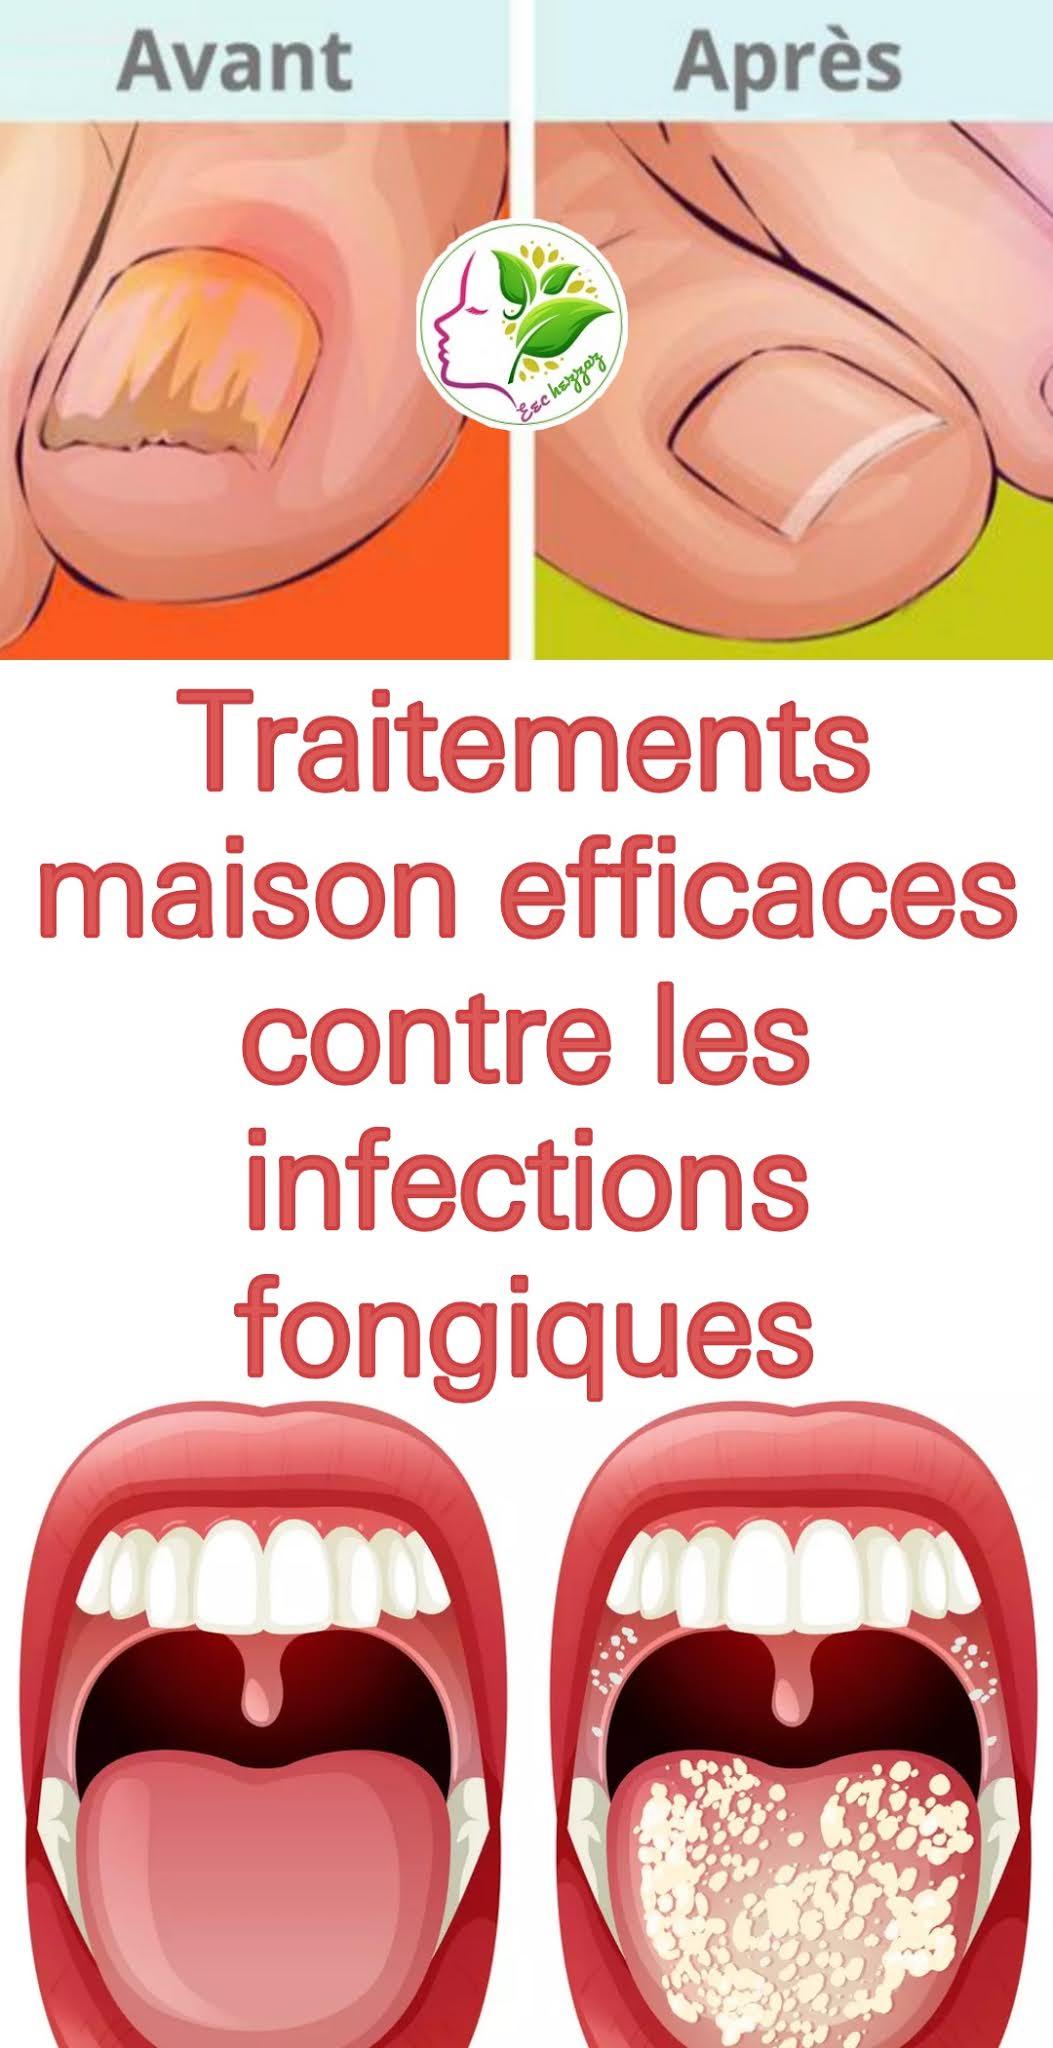 Traitements maison efficaces contre les infections fongiques